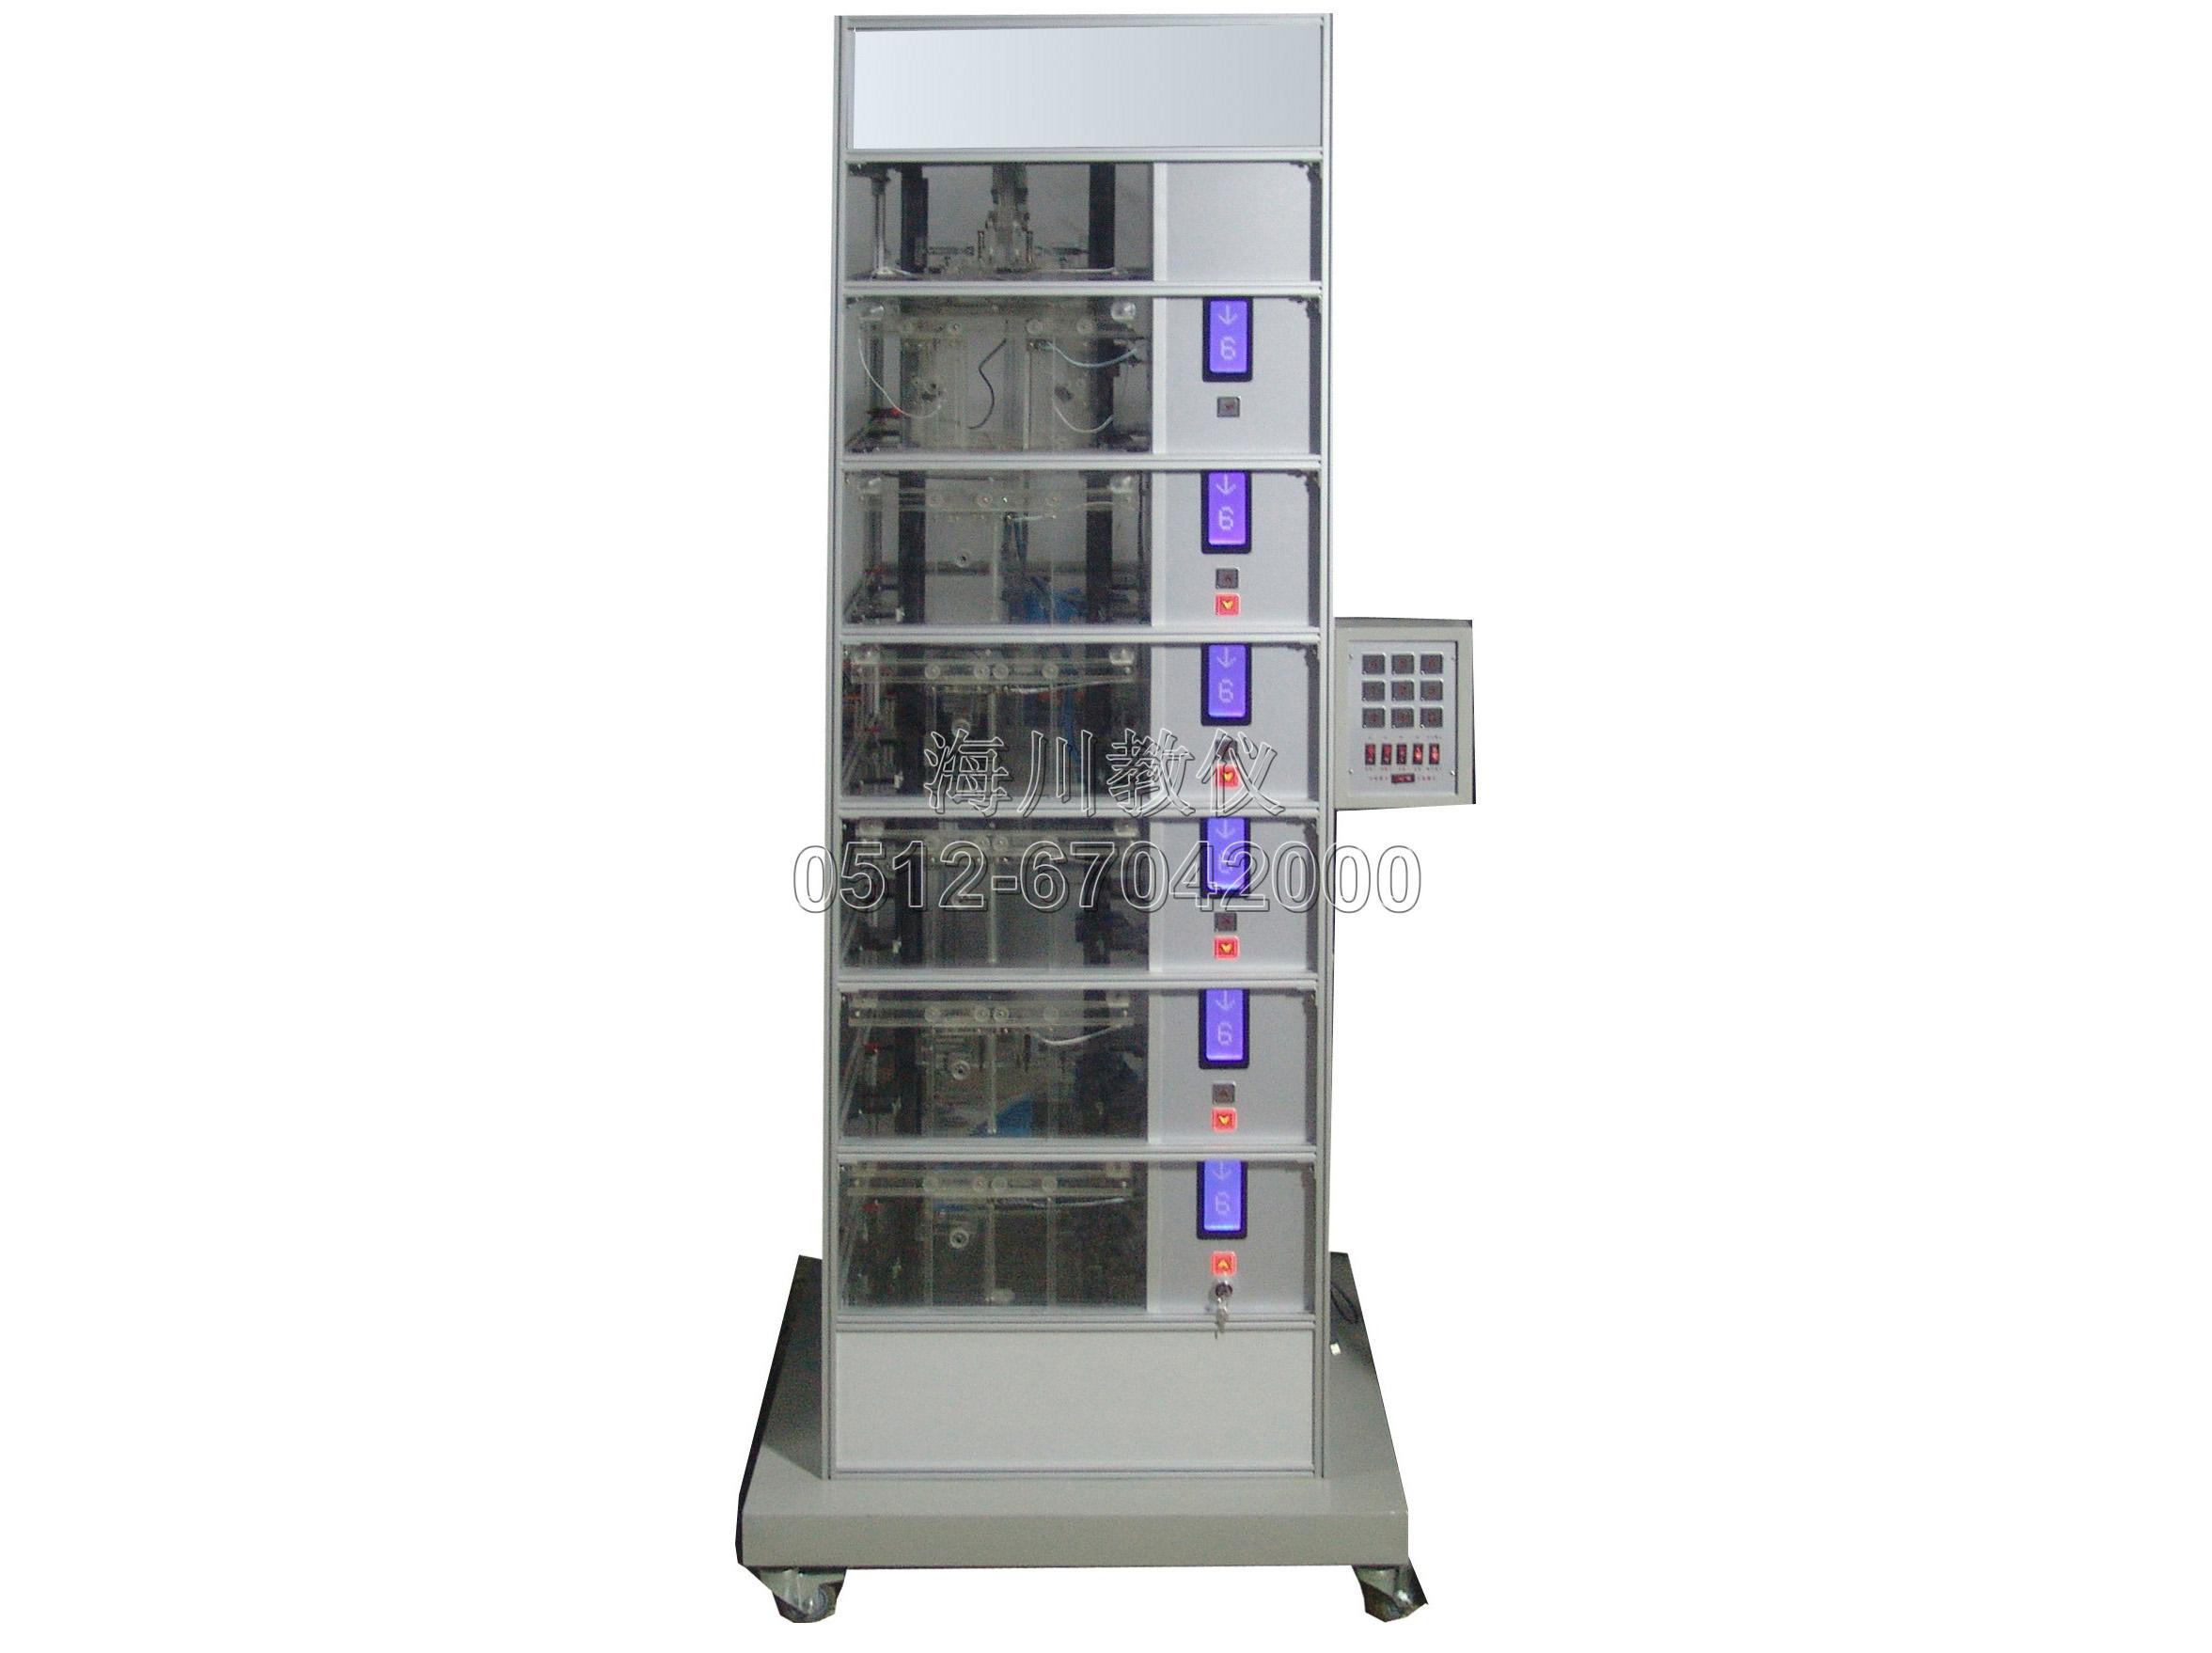 六层透明仿真教学电梯实训装置产品图片